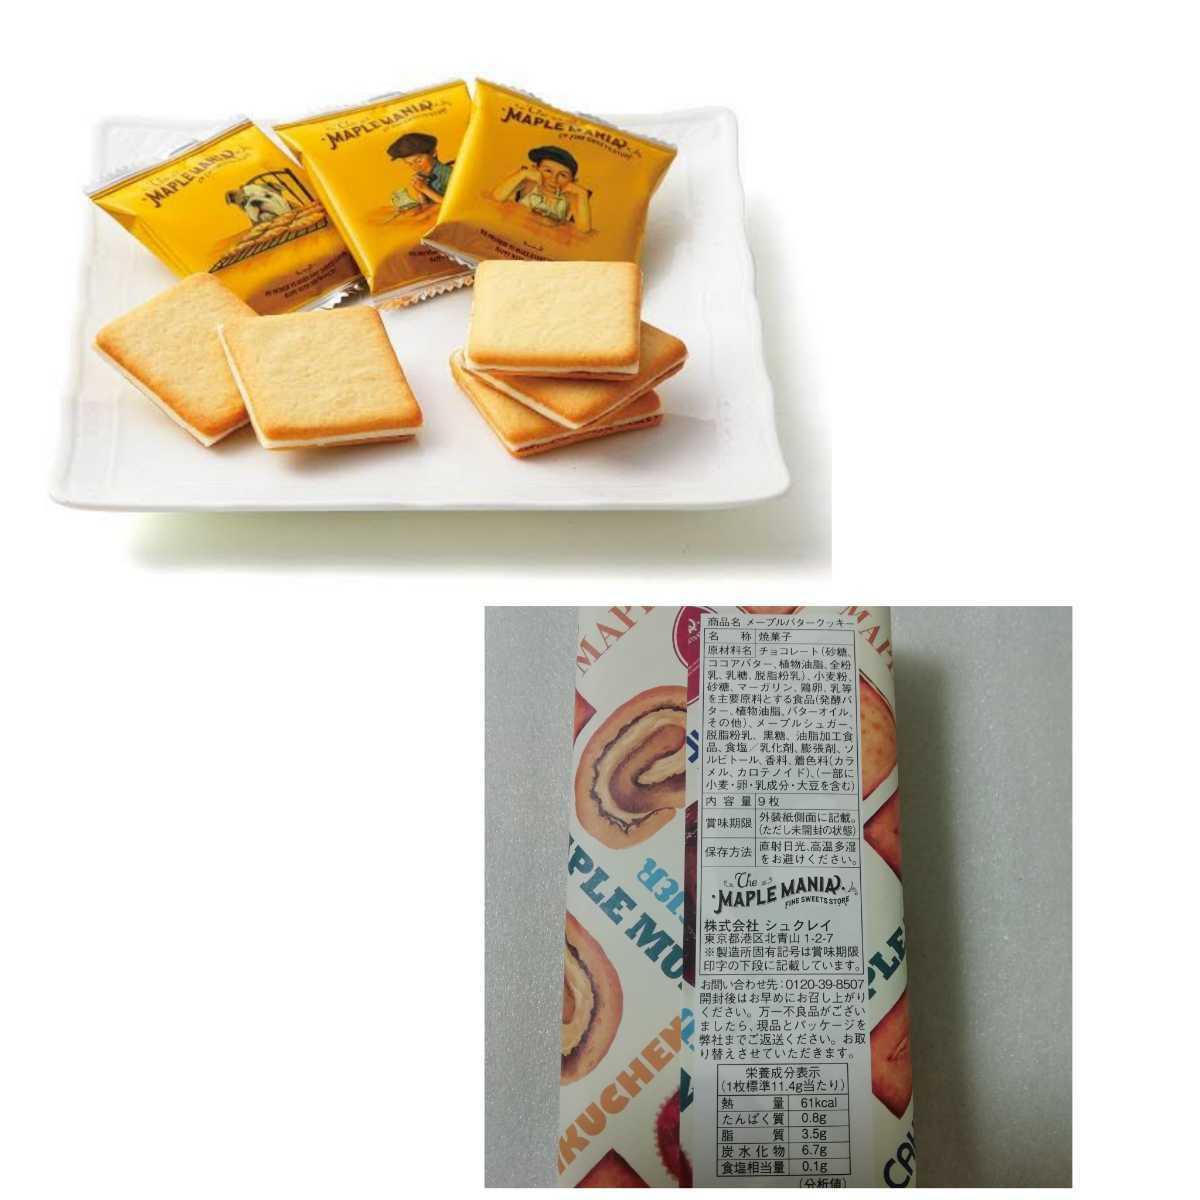 メープルマニア クラブハリエ クルミッ子 バウムクーヘン バームクーヘン クッキー お菓子 詰め合わせ_画像3